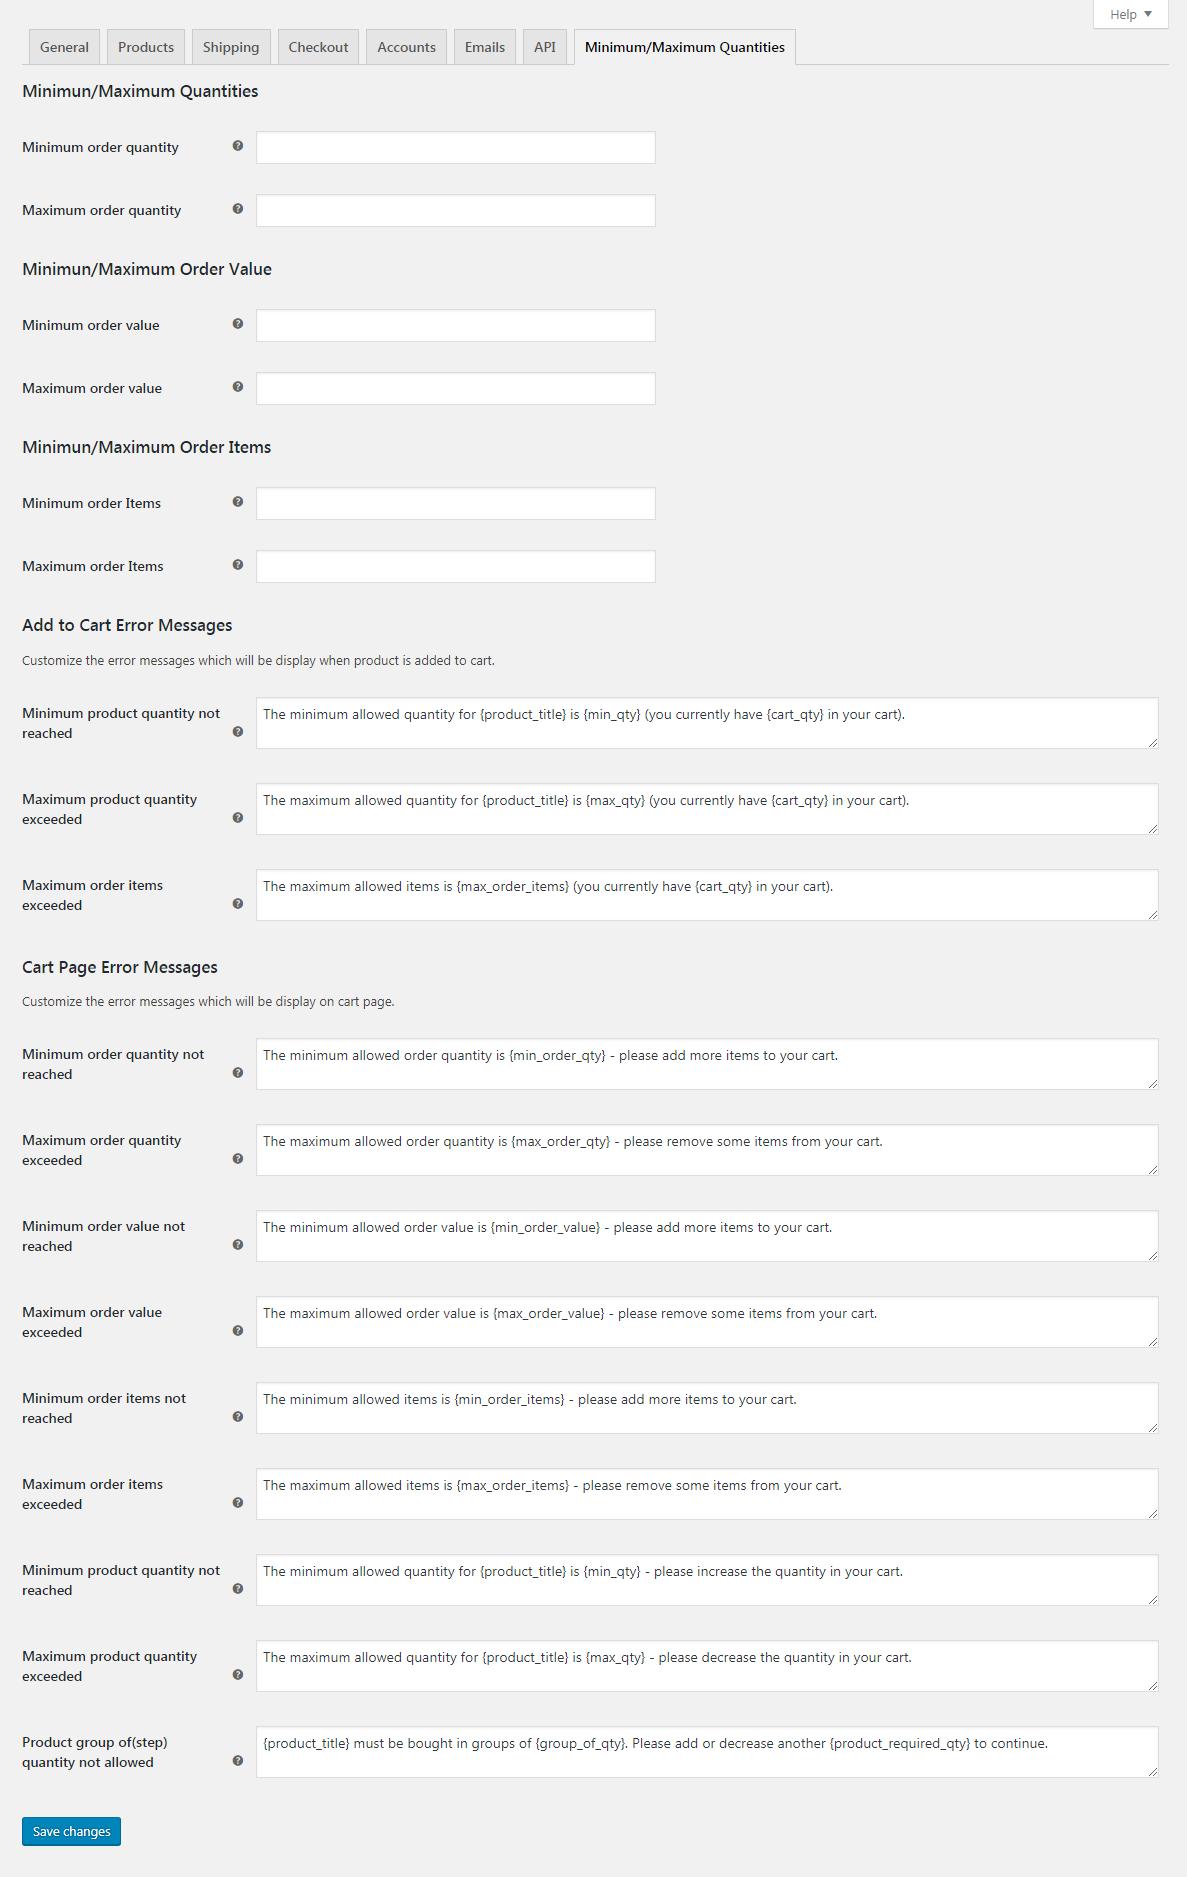 WooCommerce - Minimum/Maximum Quantities - 1